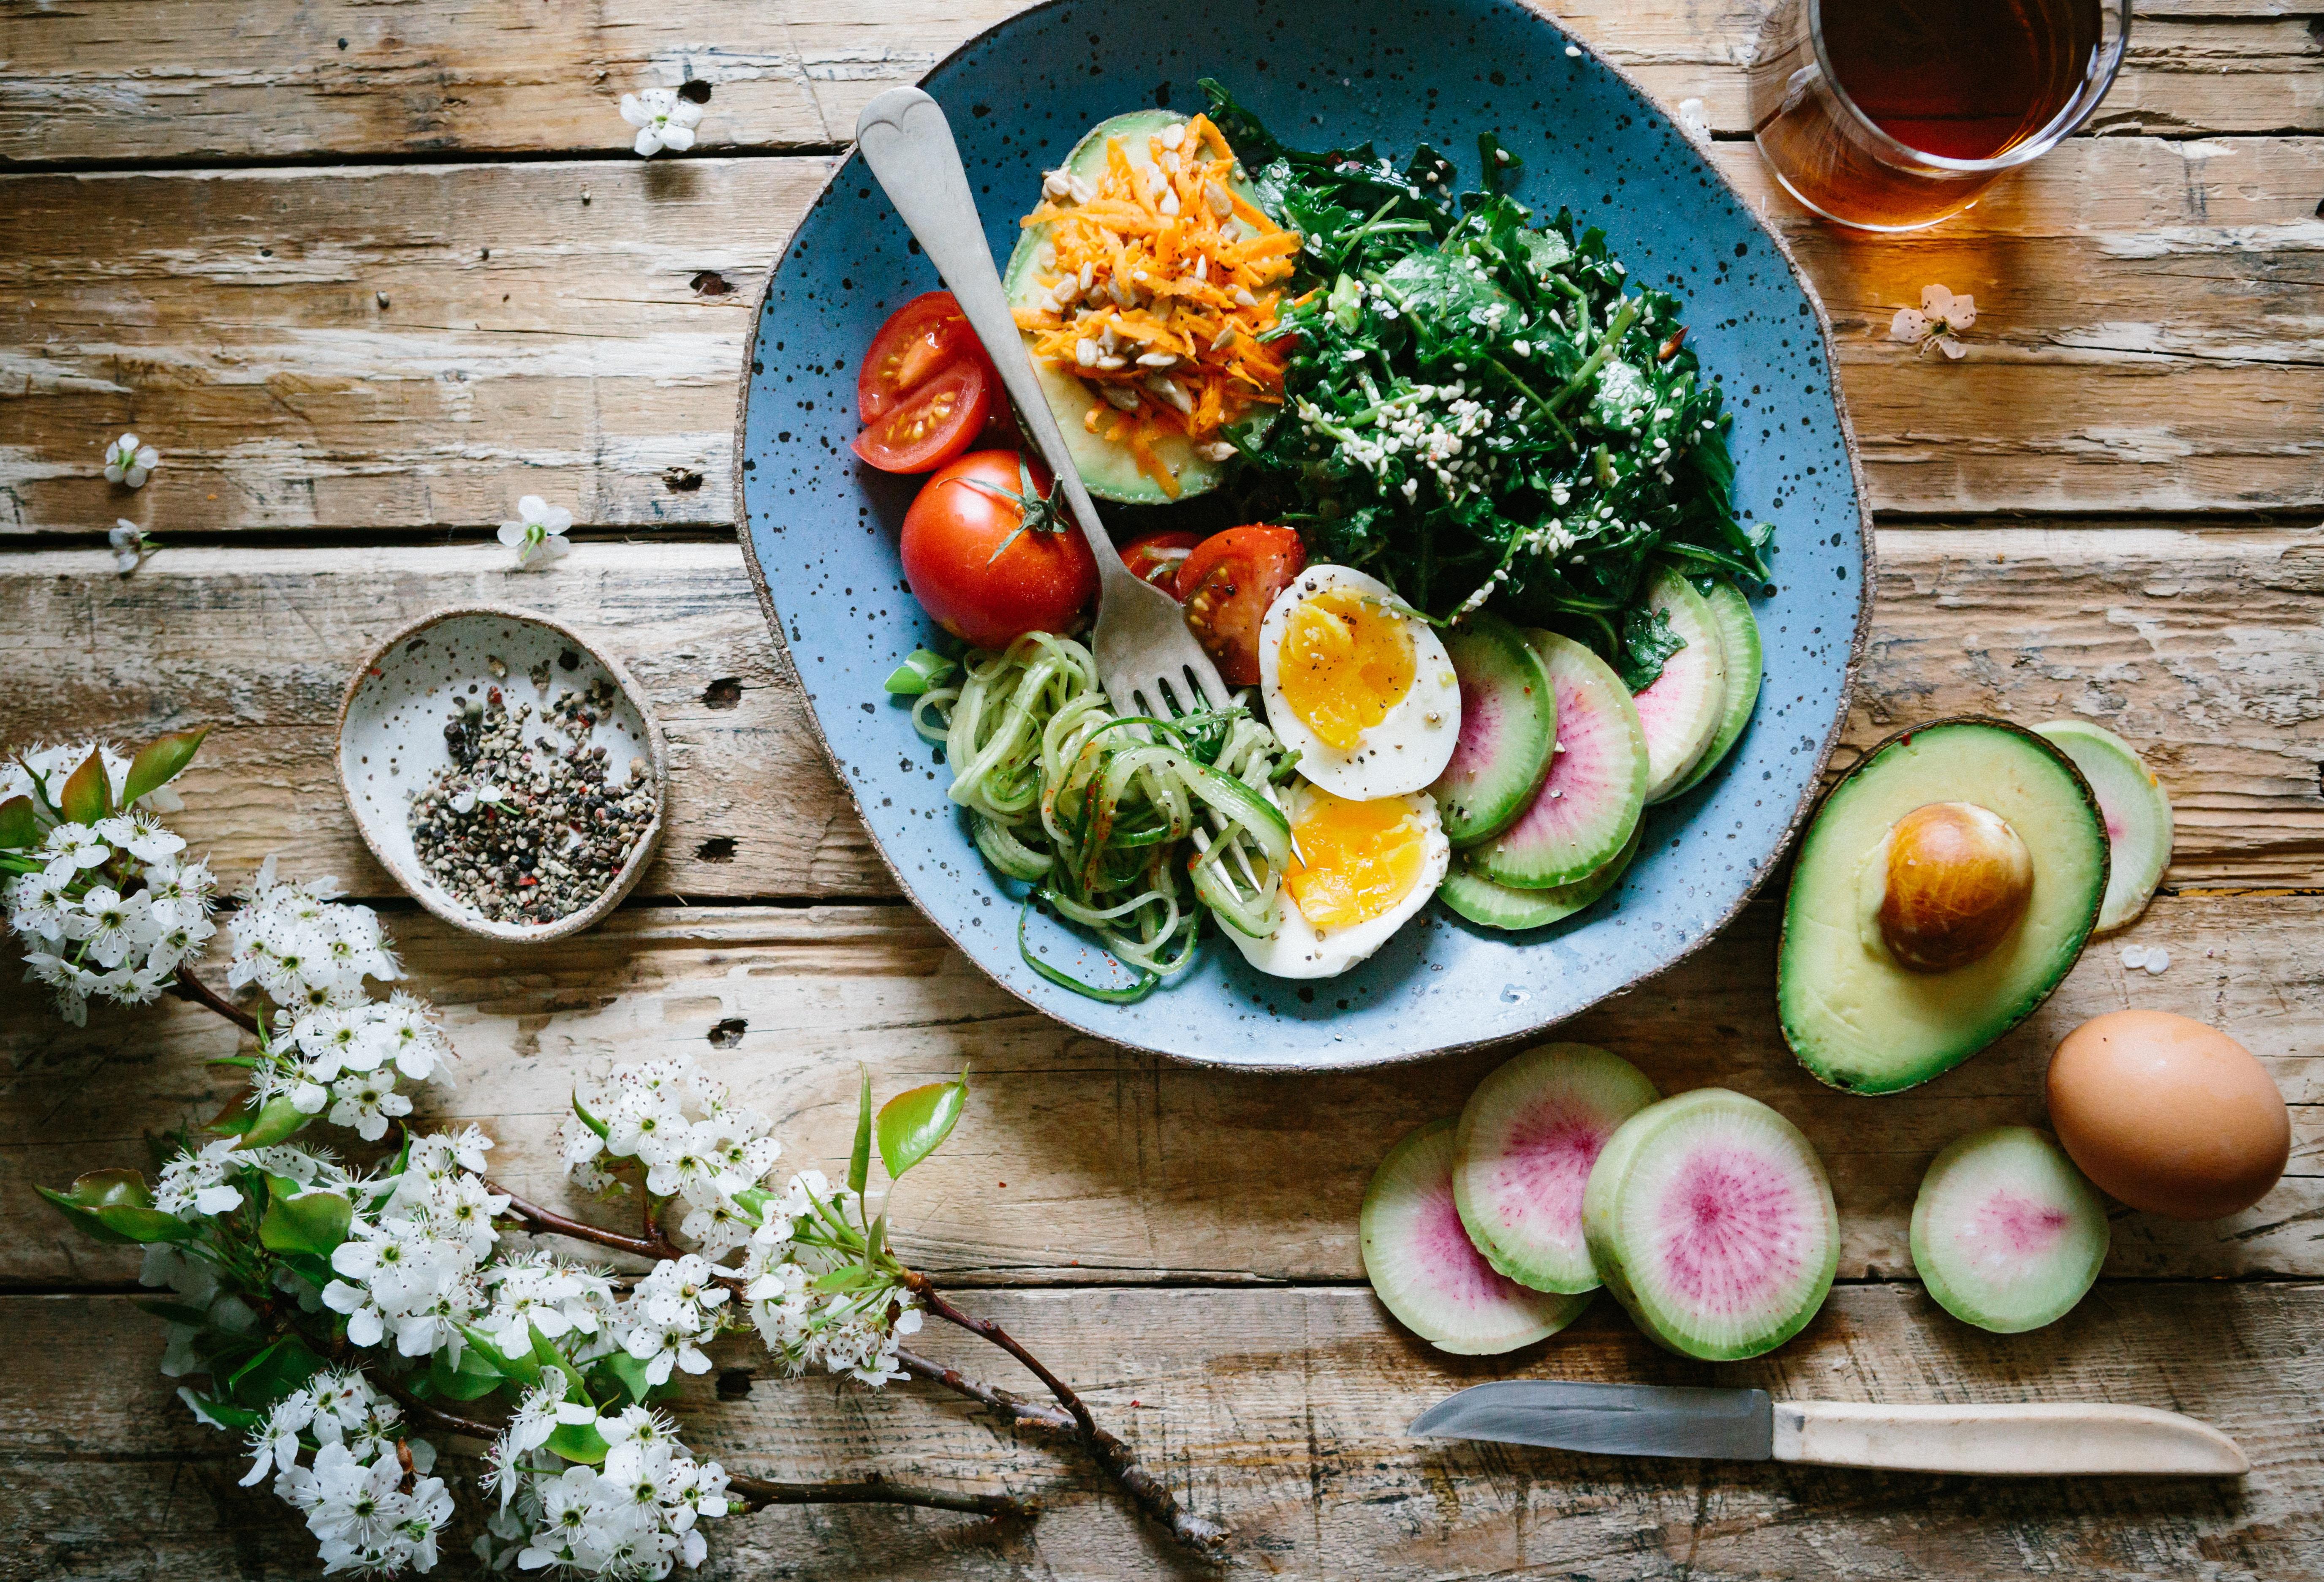 vegetarien, sans viande, santé